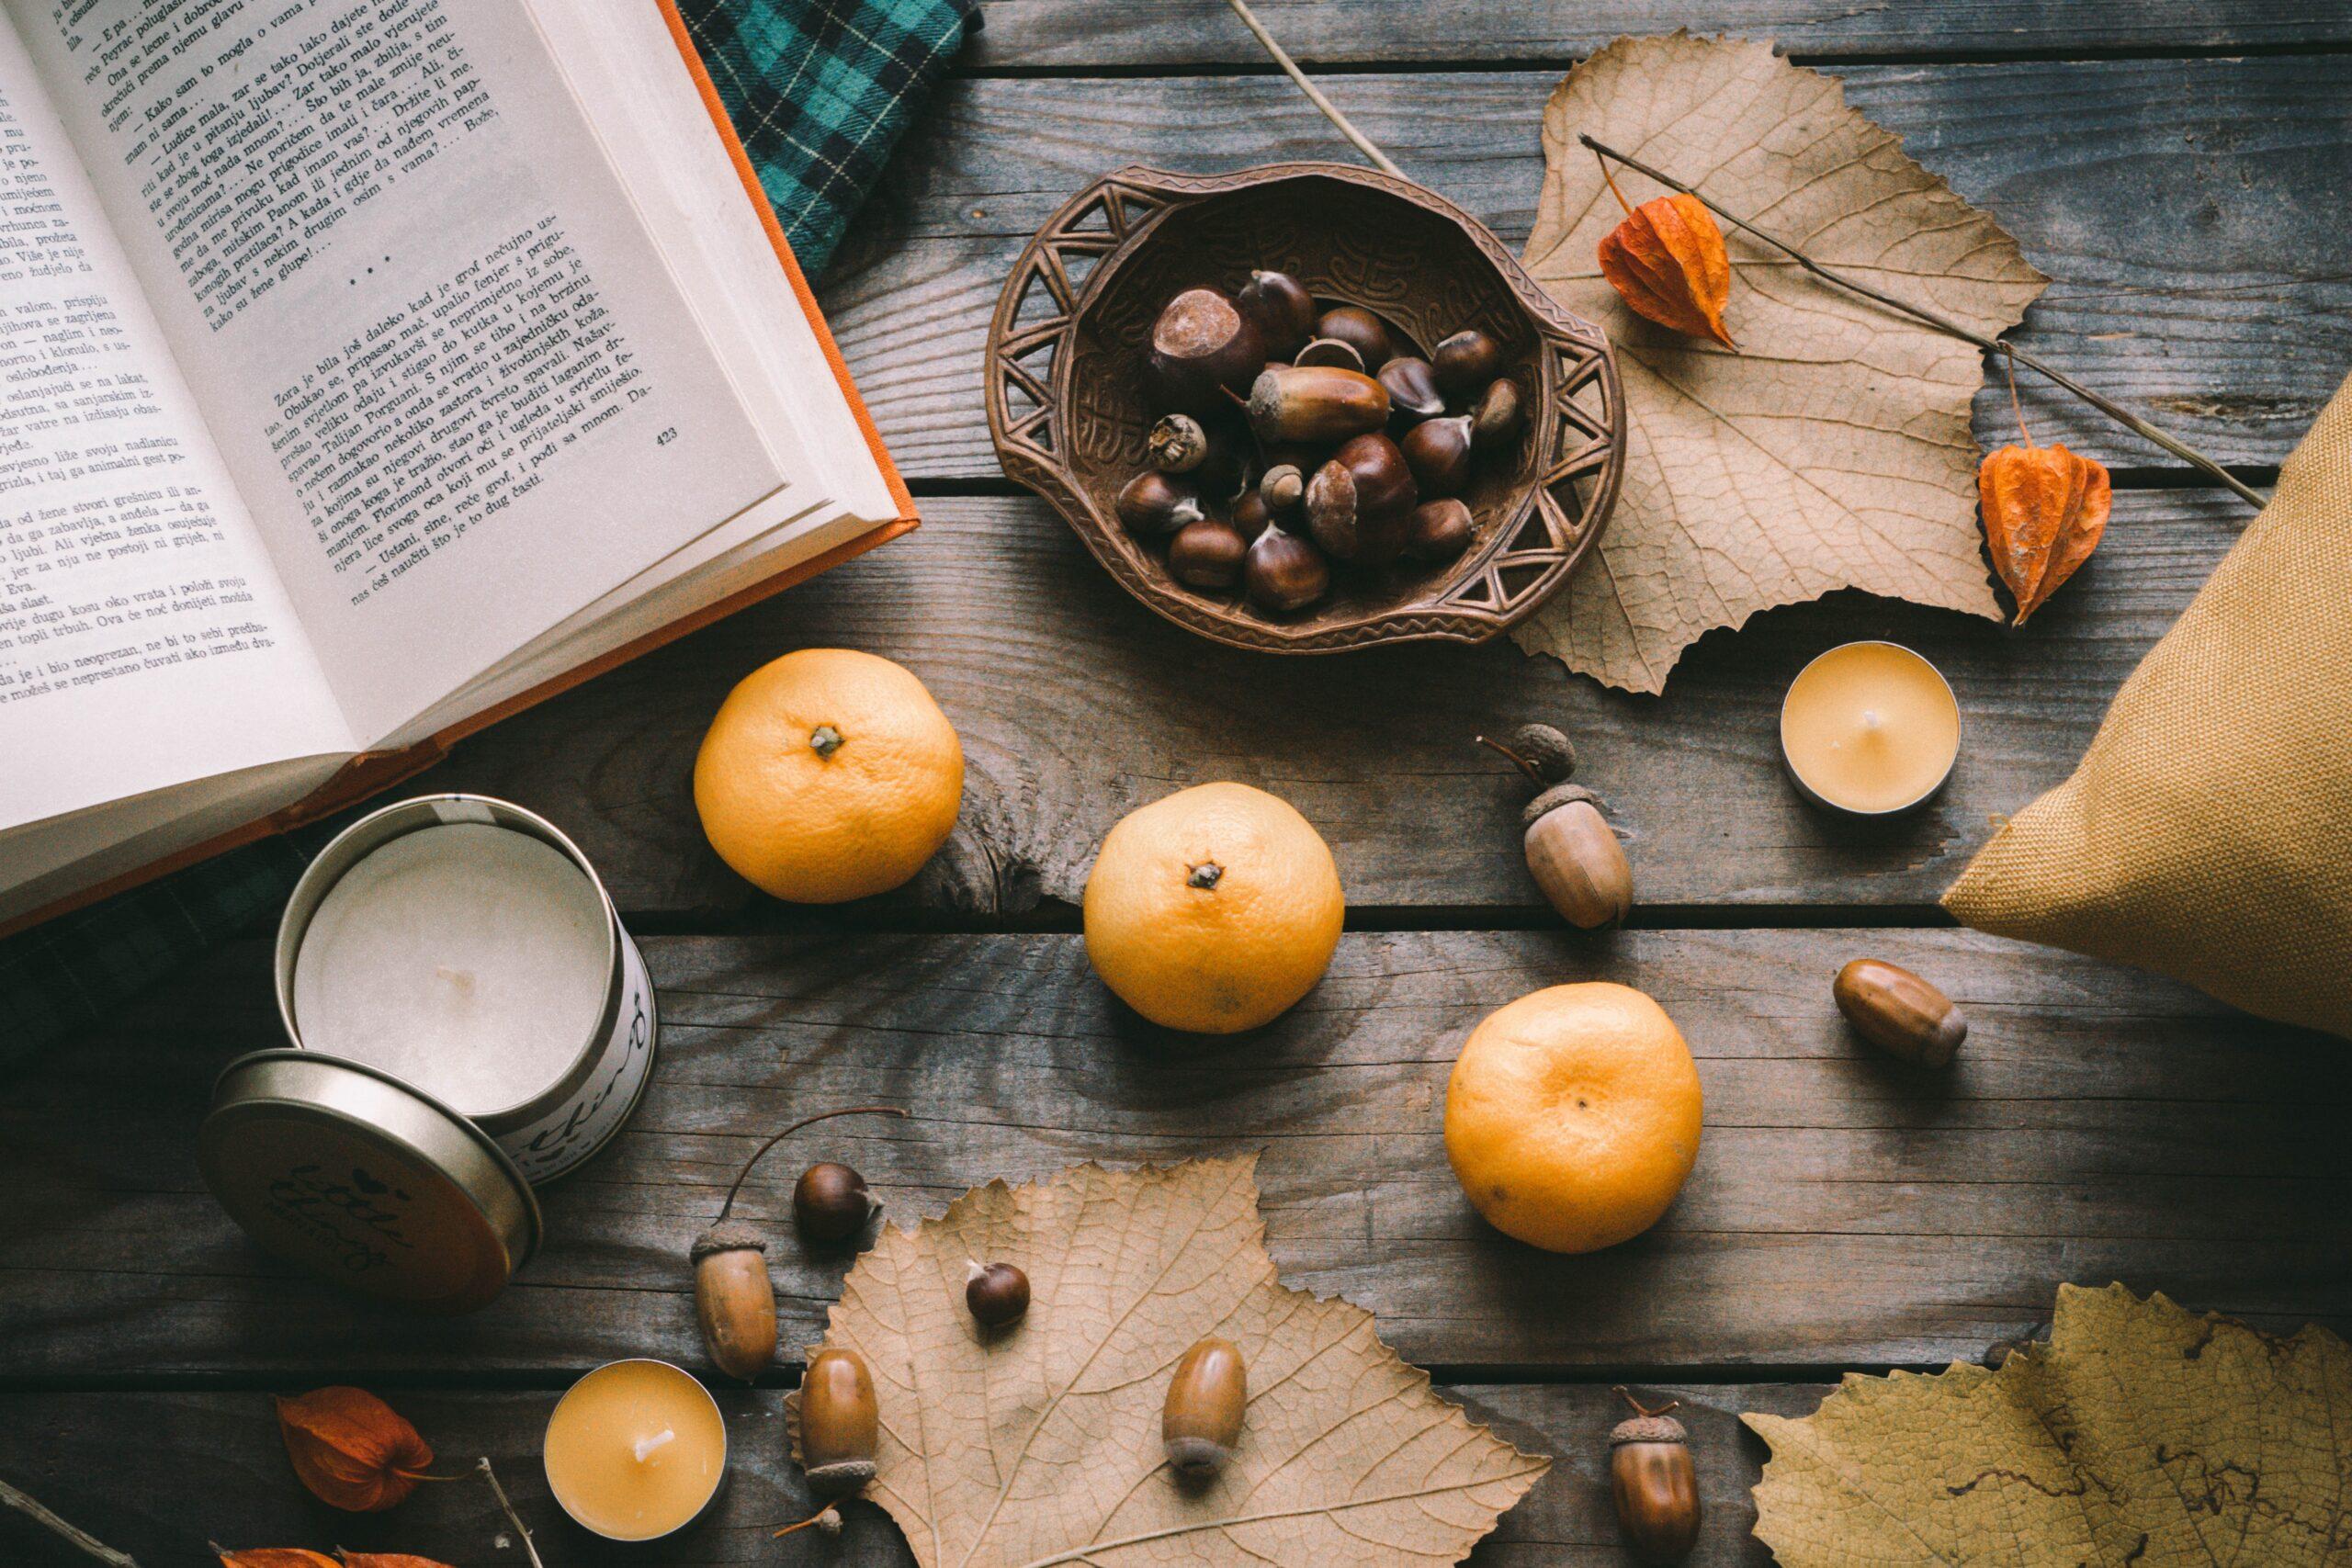 Με το δεύτερο κύμα καραντίνας να μας έχει χτυπήσει σαν χαστούκι από τον λιγότερο αγαπημένο καθηγητή μας, η μόνη απάντηση που μπορούμε να δώσουμε σε αυτήν την αναποδιά, είναι να περάσουμε τις μέρες αυτές ποιοτικά. Ένας τρόπος, από τους άπειρους, για να γίνει αυτό, είναι τα βιβλία. Και τί καλύτερο από μερικά βιβλία με αύρα Φθινοπώρου;